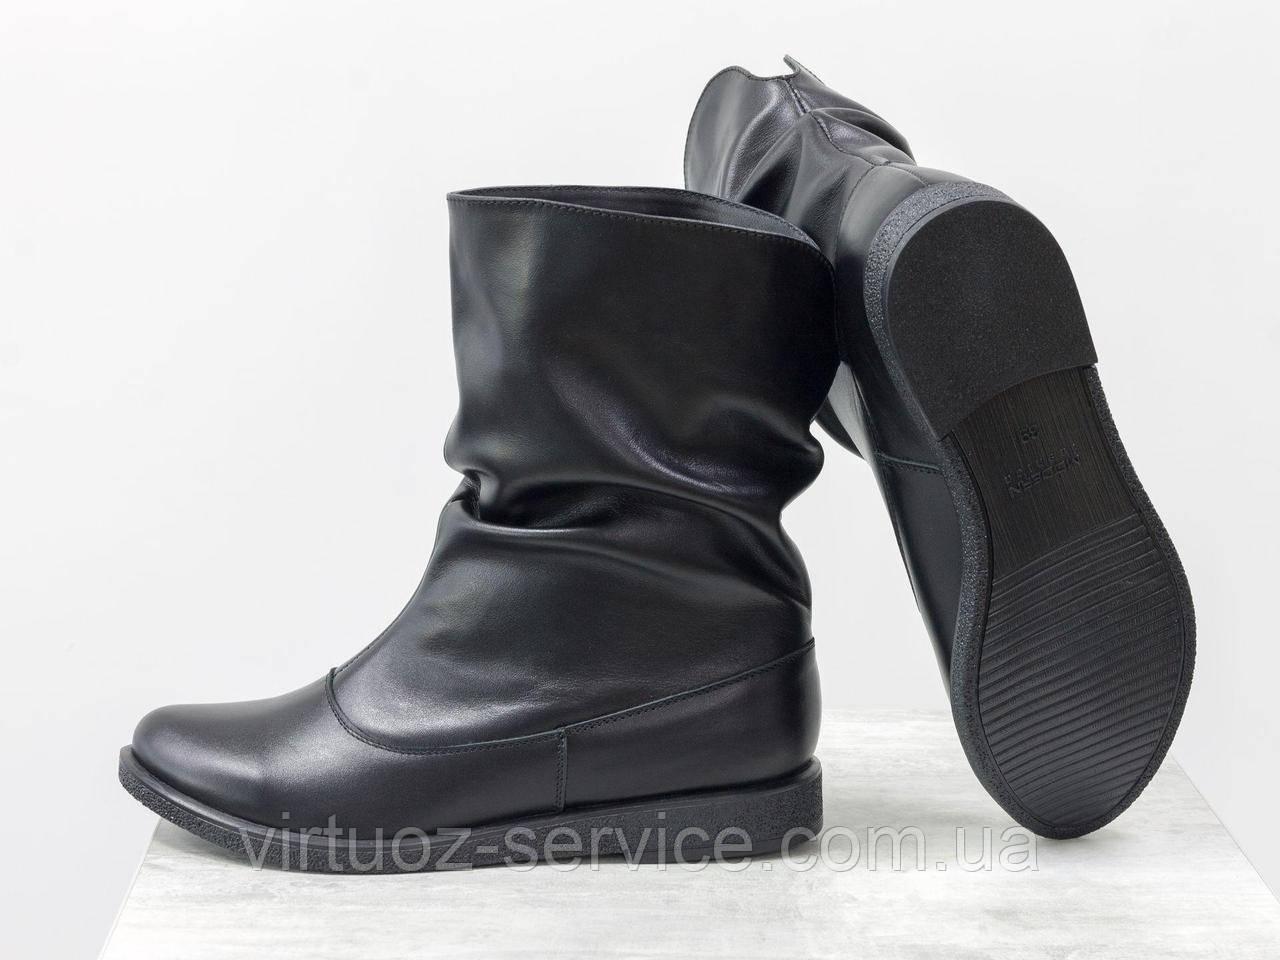 Ботинки женские Gino Figini М-21из натуральной кожи 37 Черный